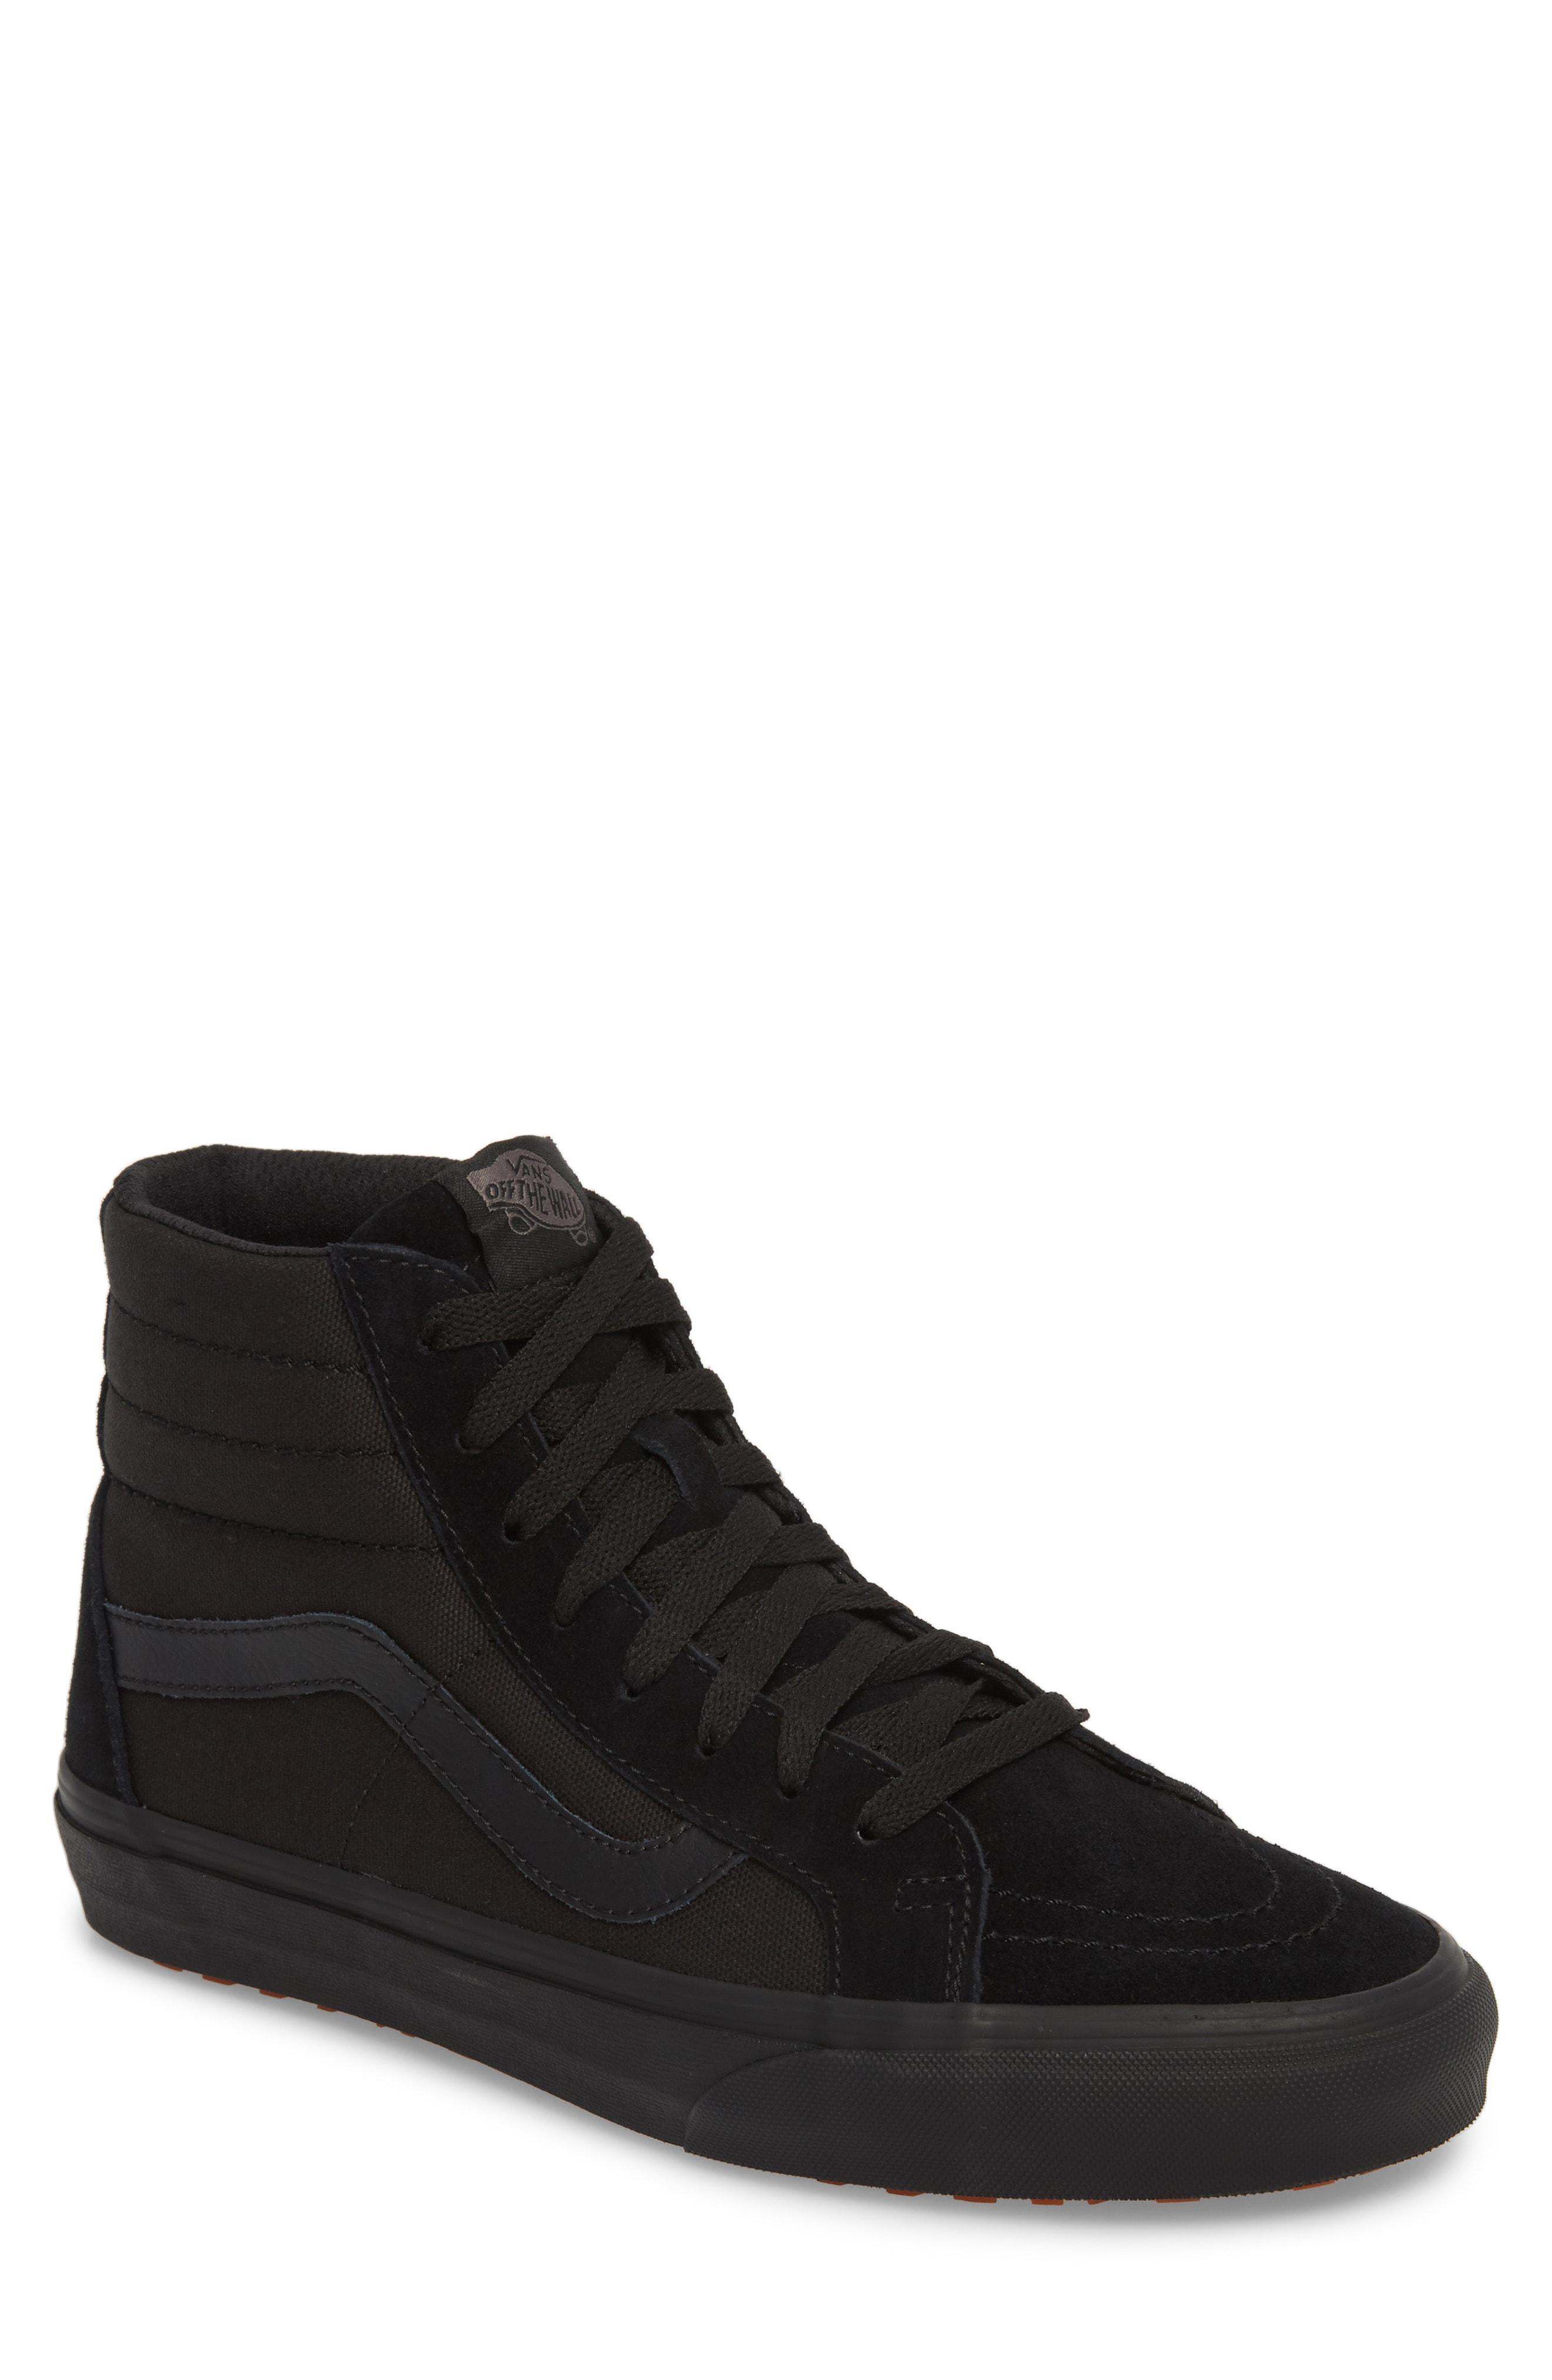 bcf51b1ebf1 Vans - Black Made For The Makers Sk8-hi Reissue Sneaker for Men - Lyst.  View fullscreen